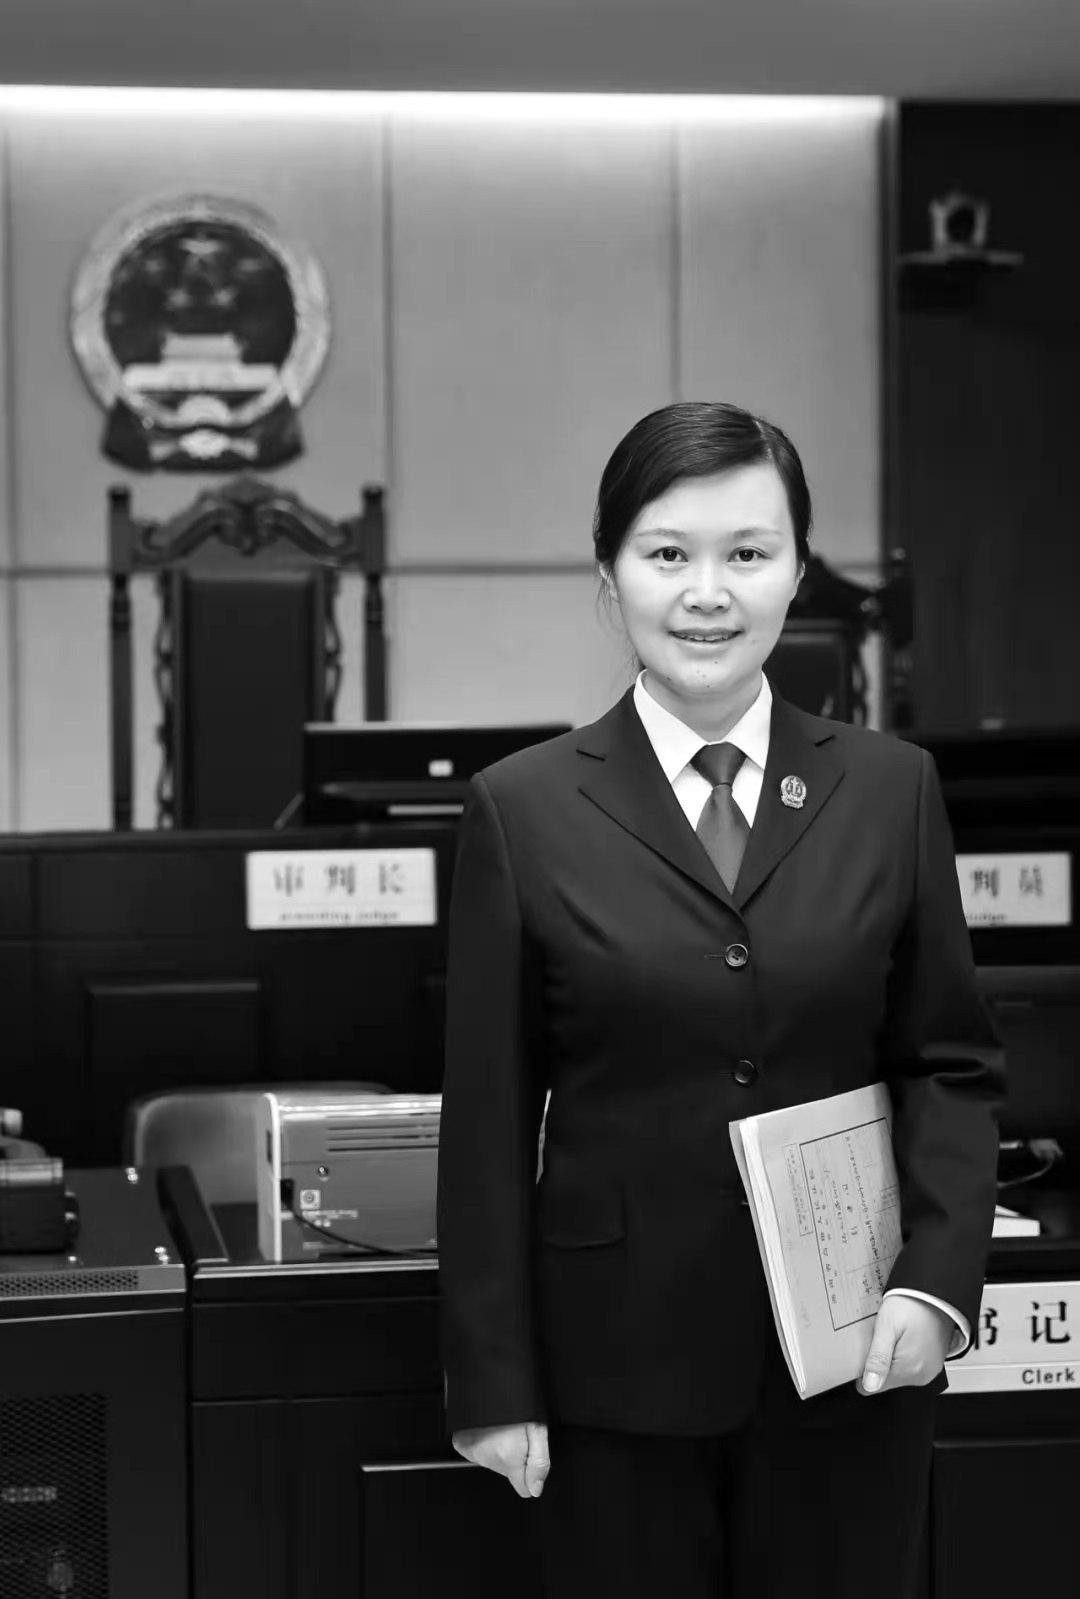 【暴风体育直播】_湖南法官遇害嫌疑人向某:曾身陷劳动纠纷案,被指性格偏执